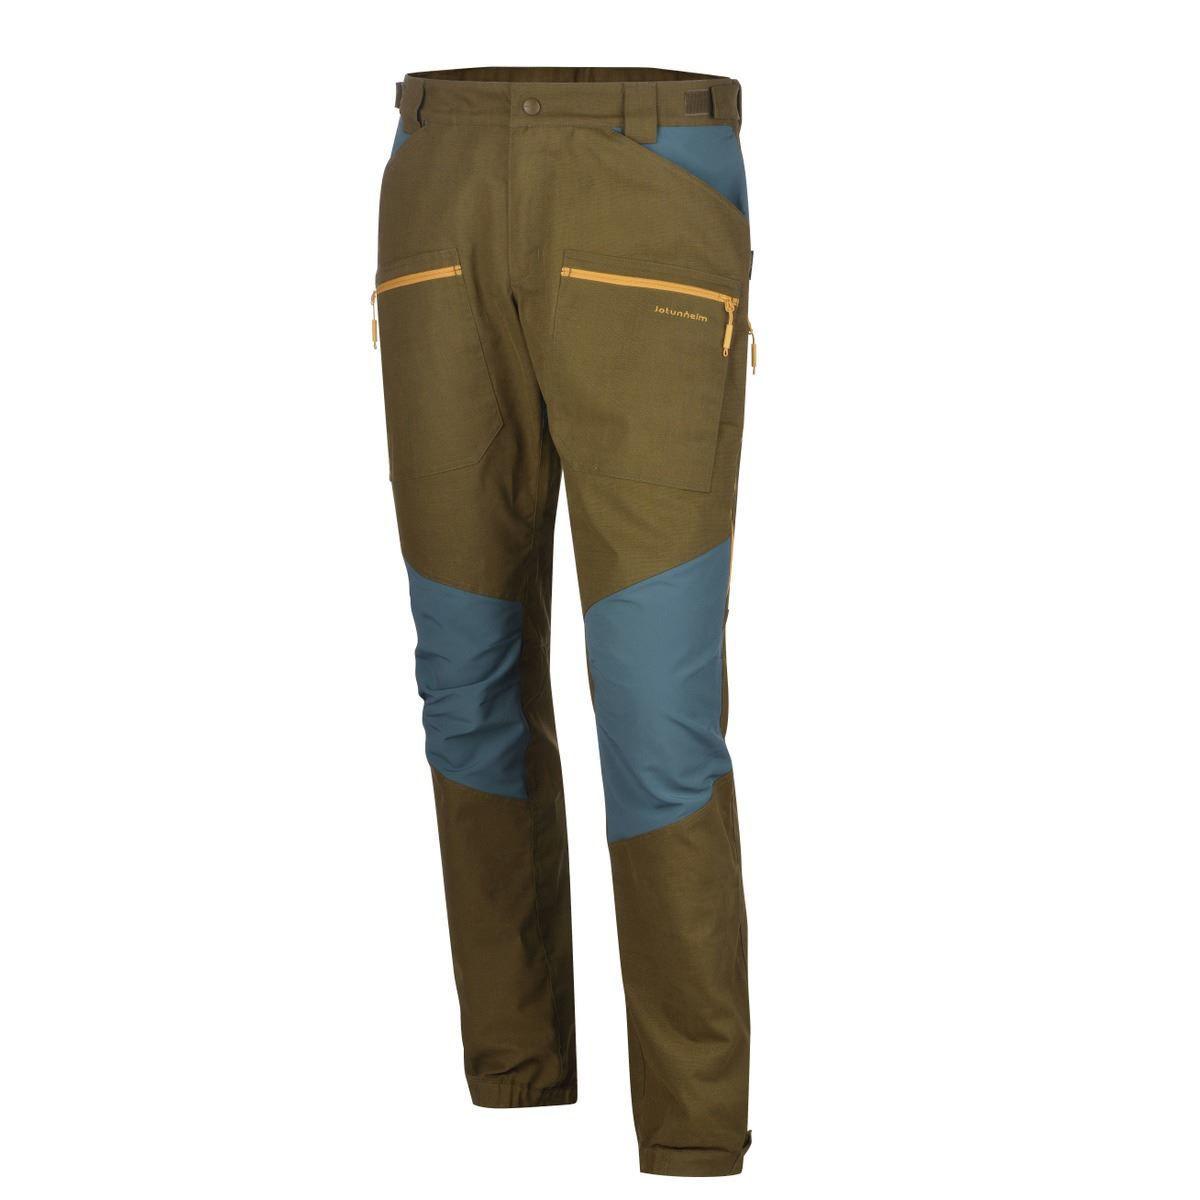 Bilde av Fossberg bukse